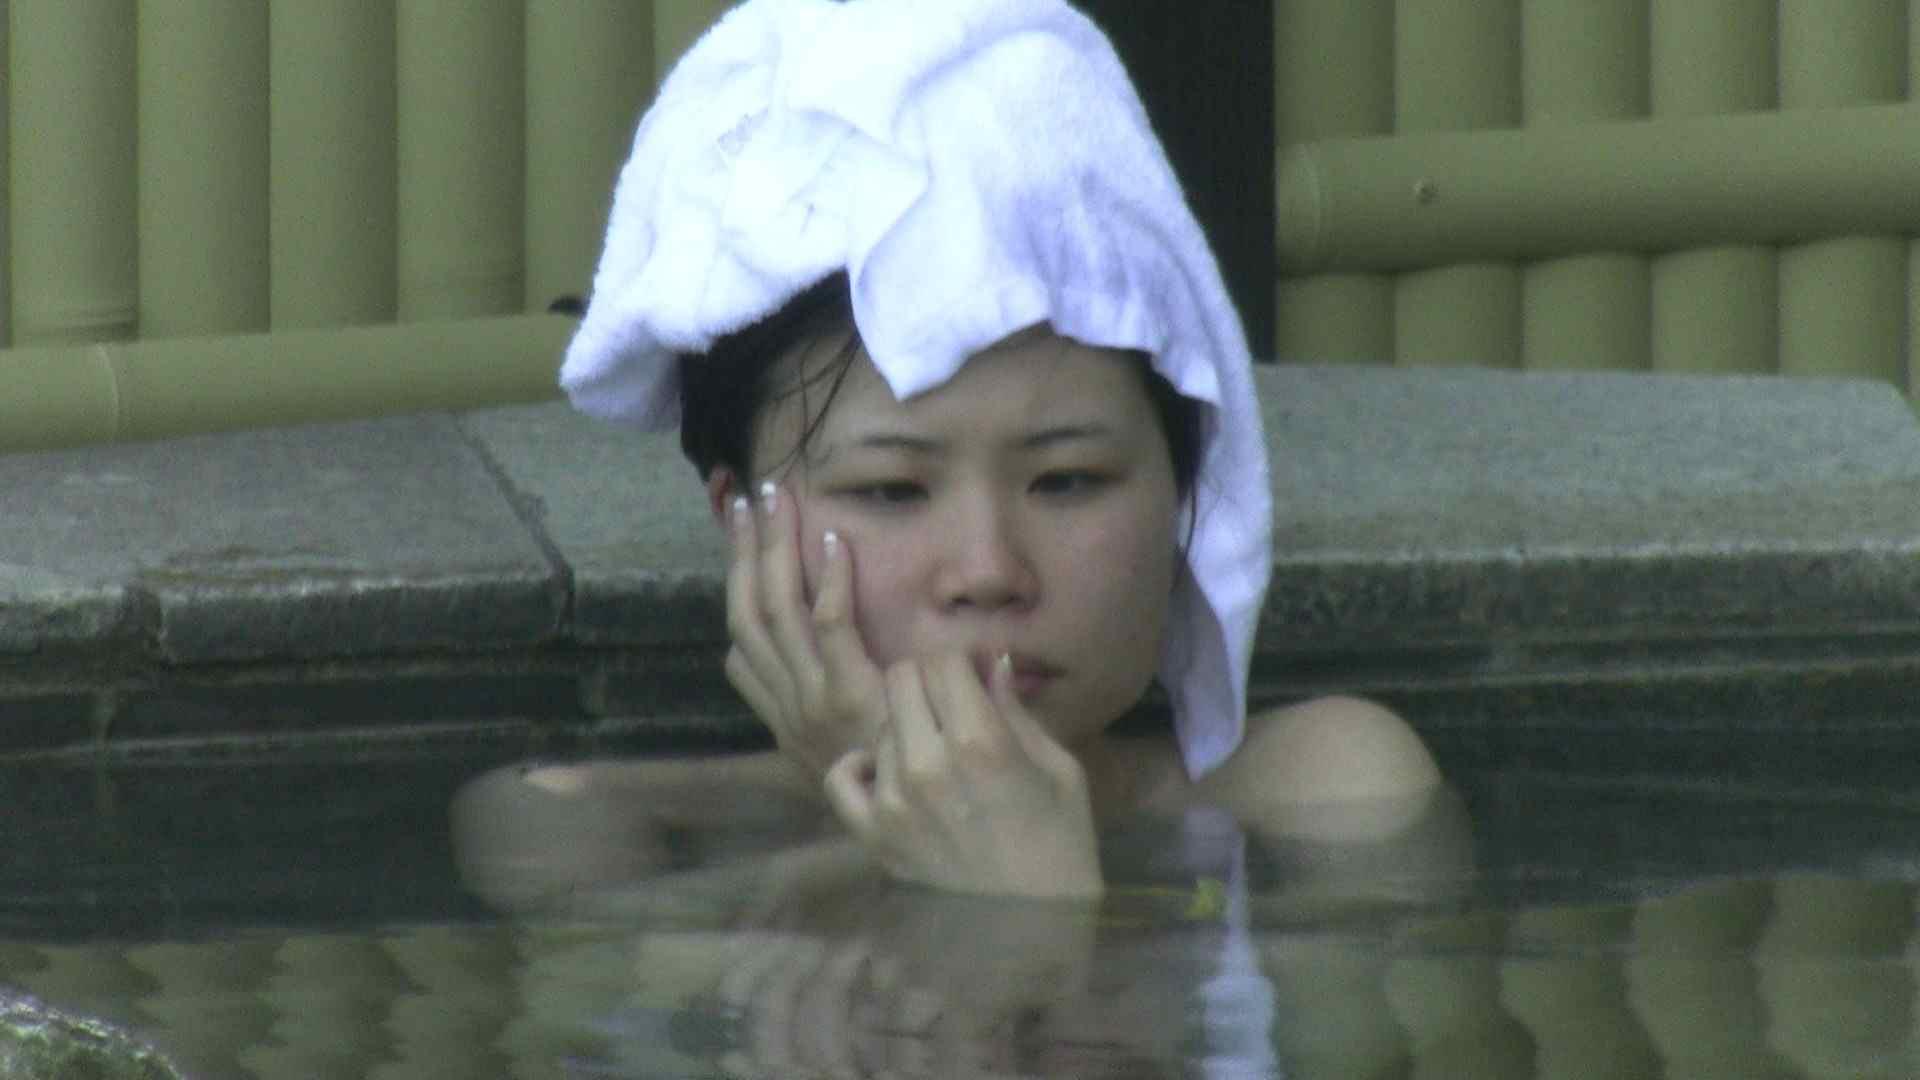 Aquaな露天風呂Vol.183 美しいOLの裸体  105pic 9